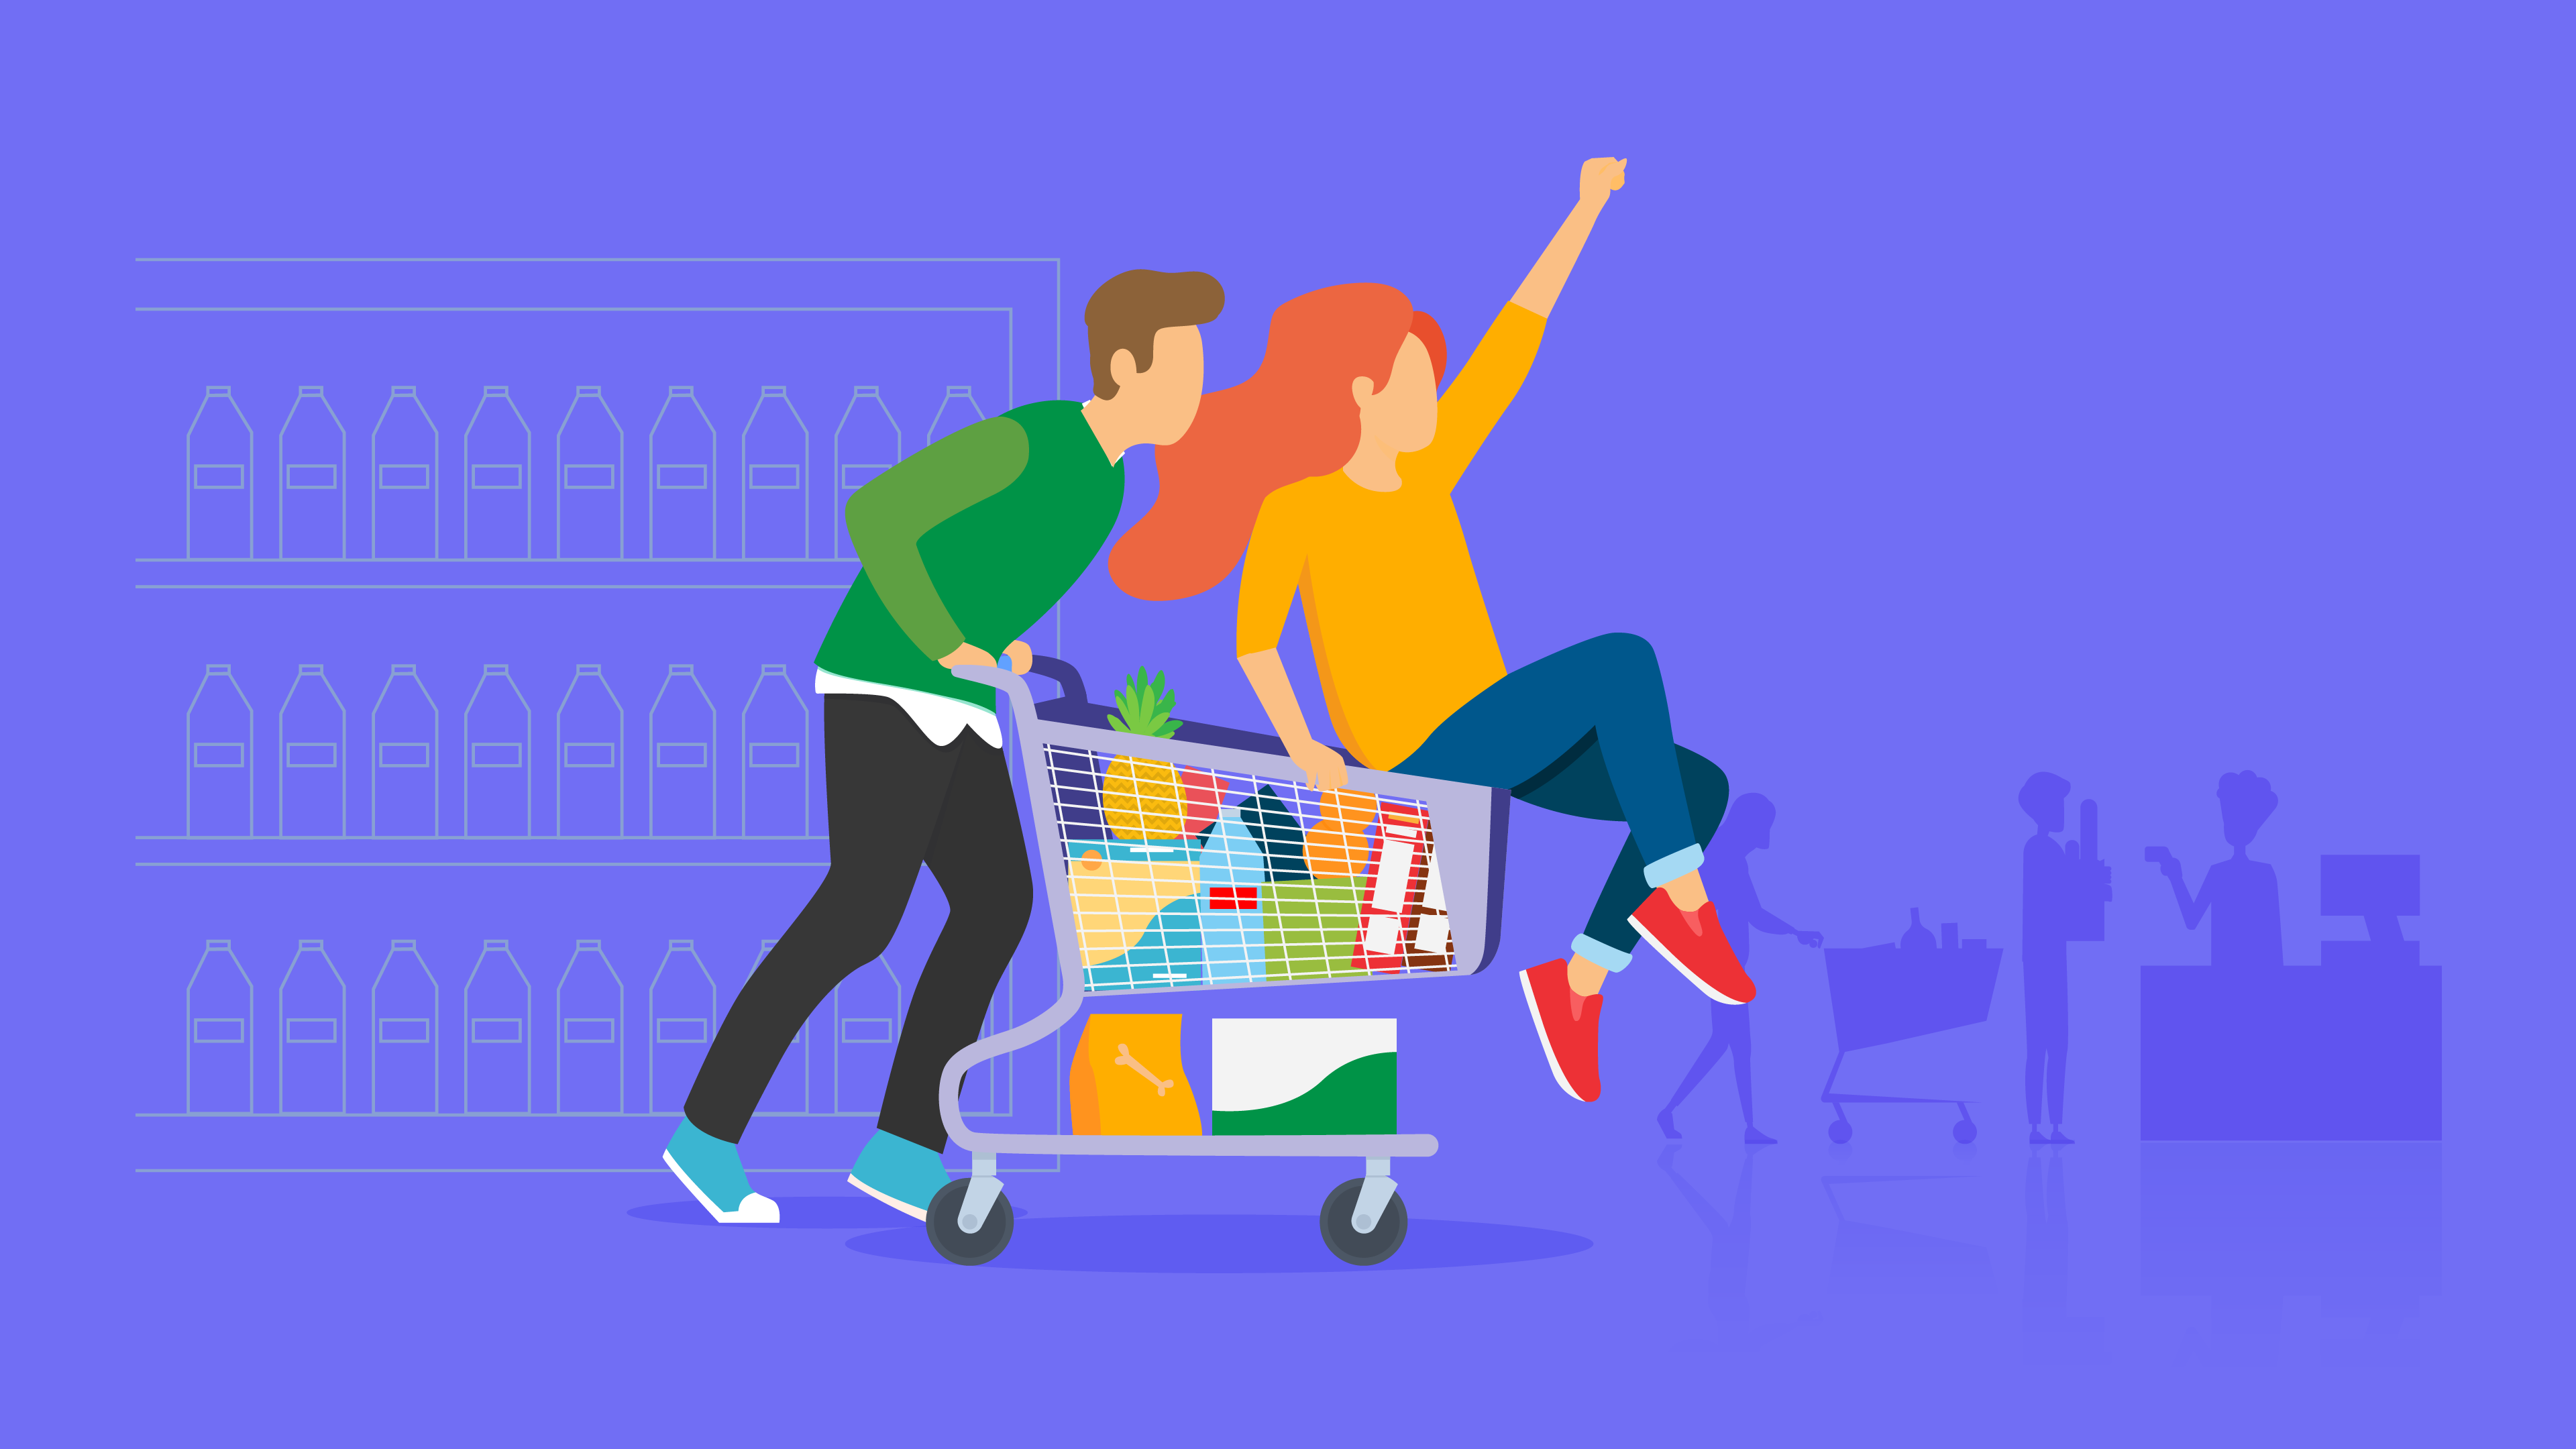 Préparation d'achats alimentaires en magasin 2020